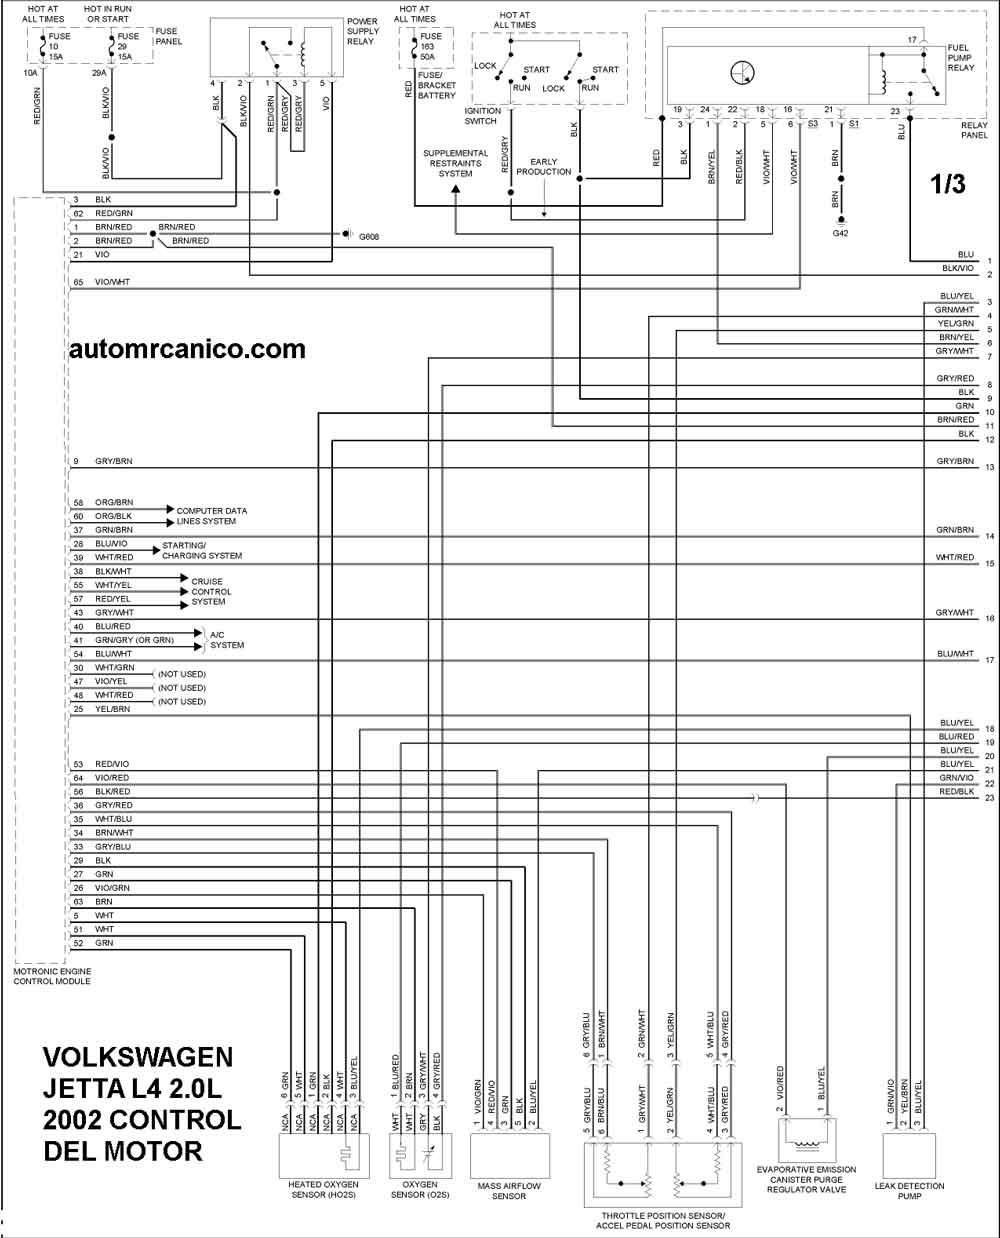 Diagrama Electrico Vw Derby 2002 Volkswagen Car